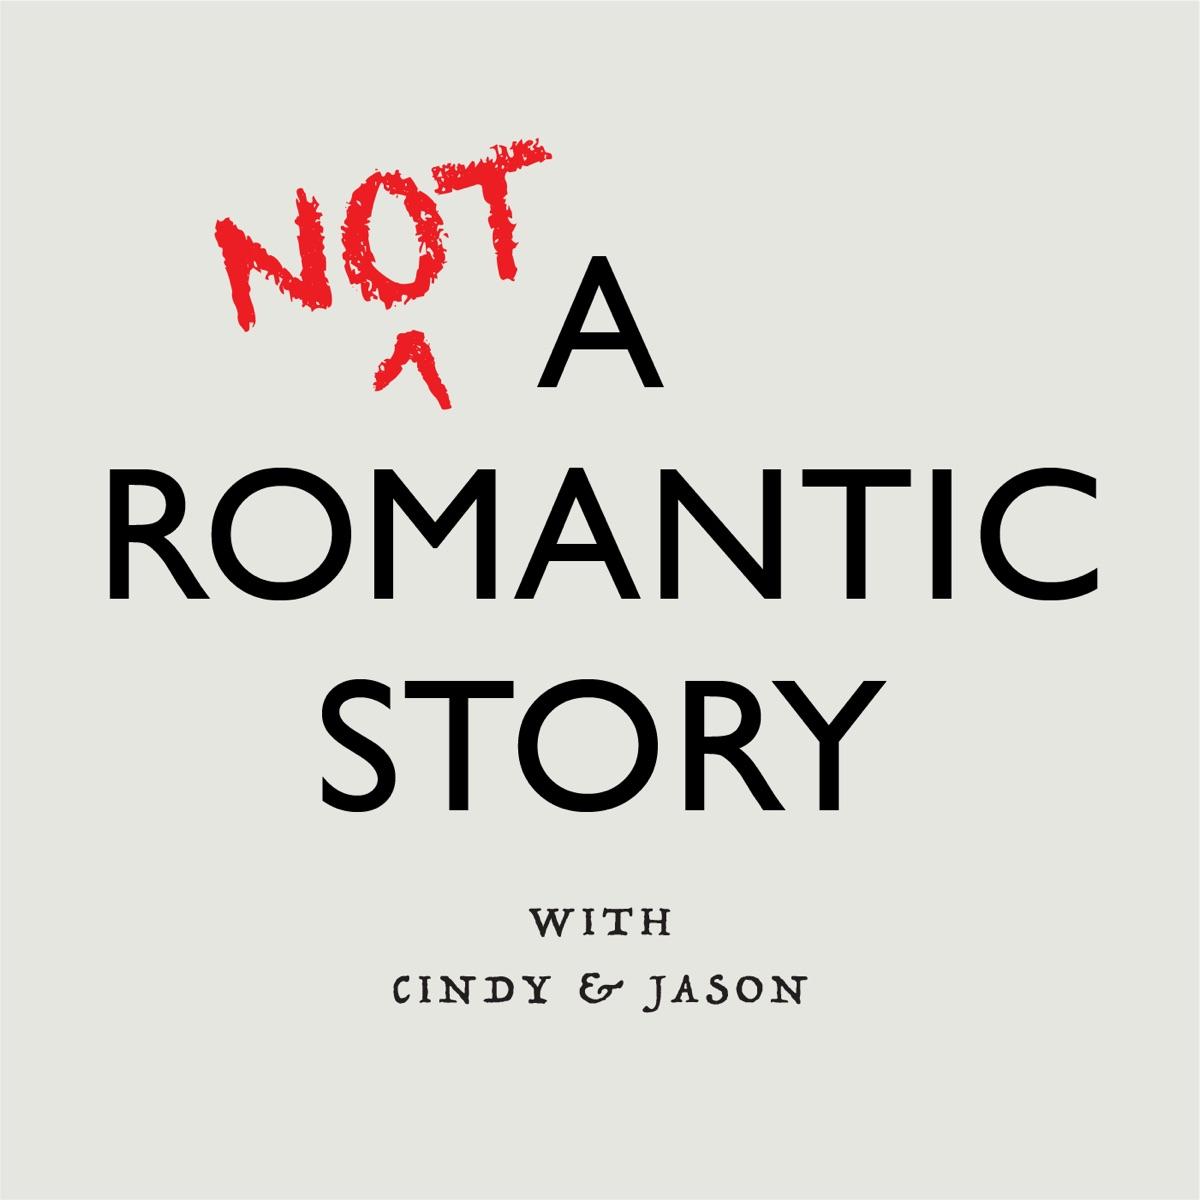 不浪漫故事 Not A Romantic Story